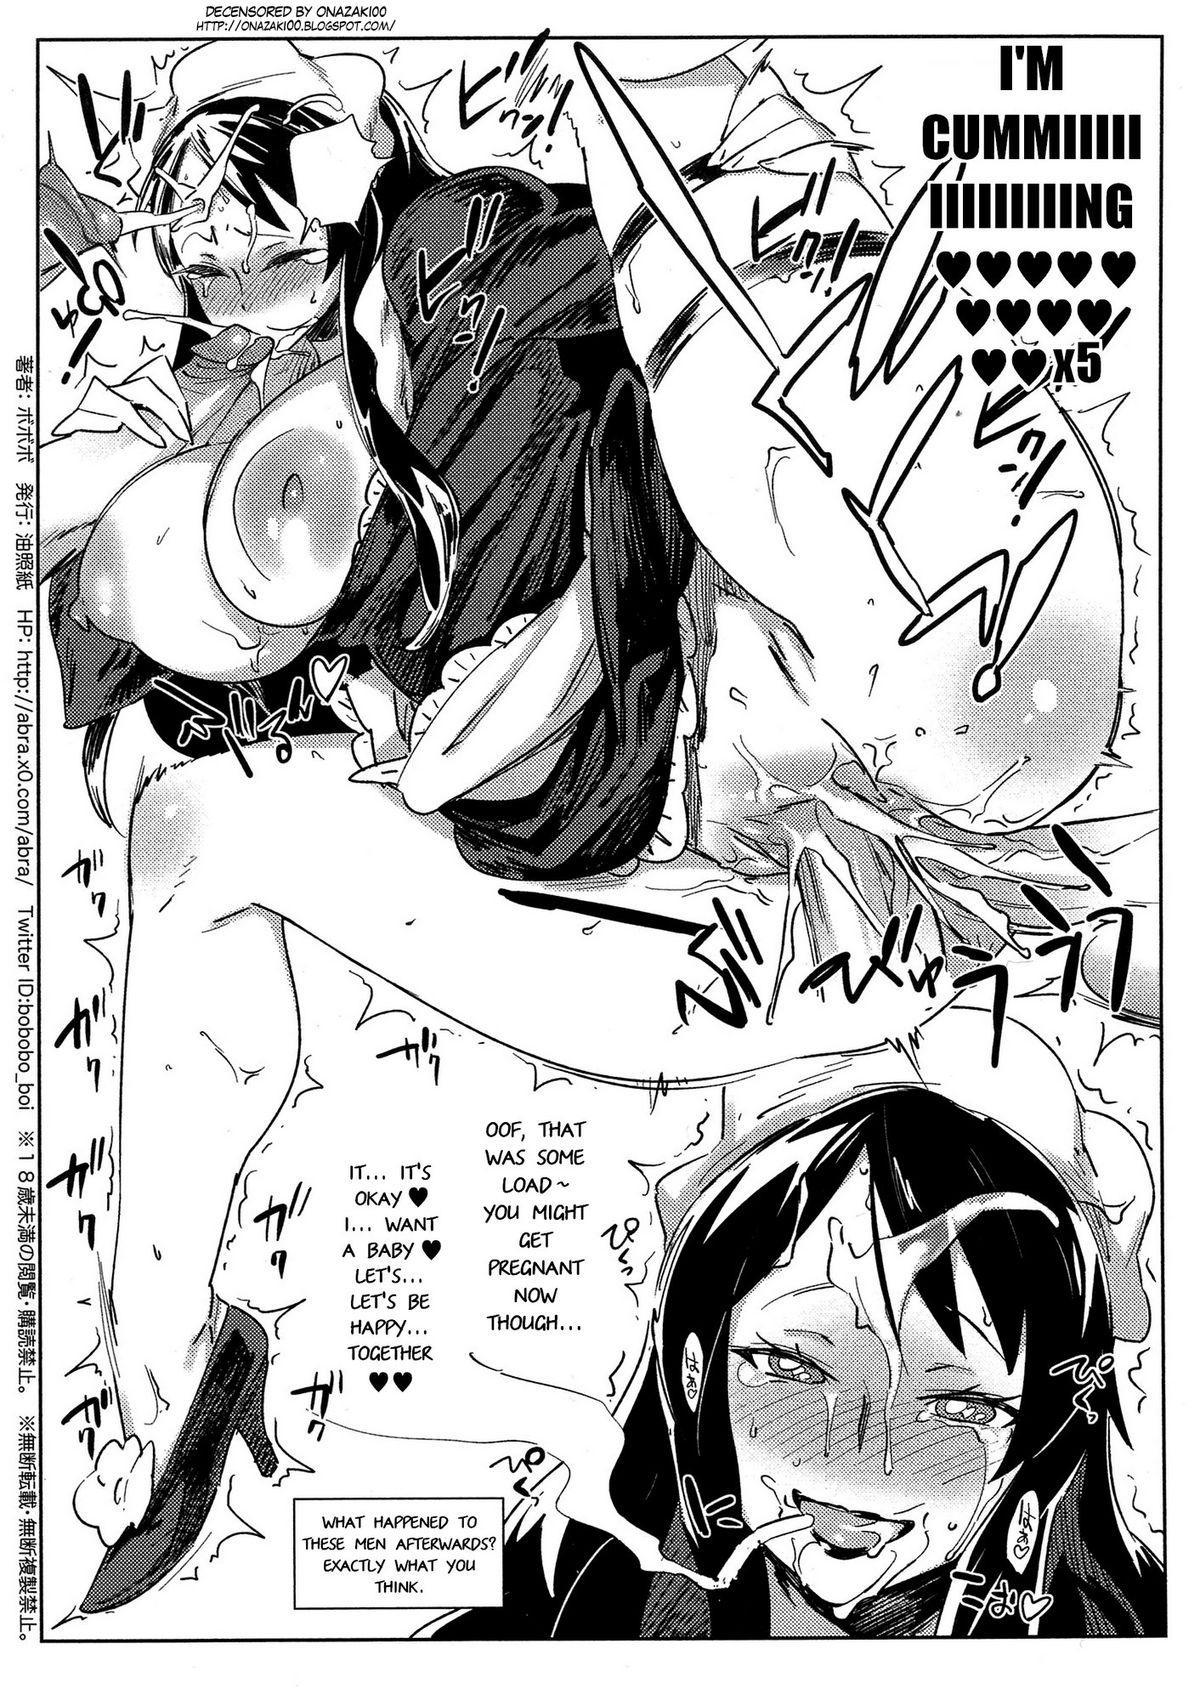 C83 Kaijou Gentei Orihon Baby 5-san wa Yarasero to Tanomeba Kotowarenai Seikaku. 3